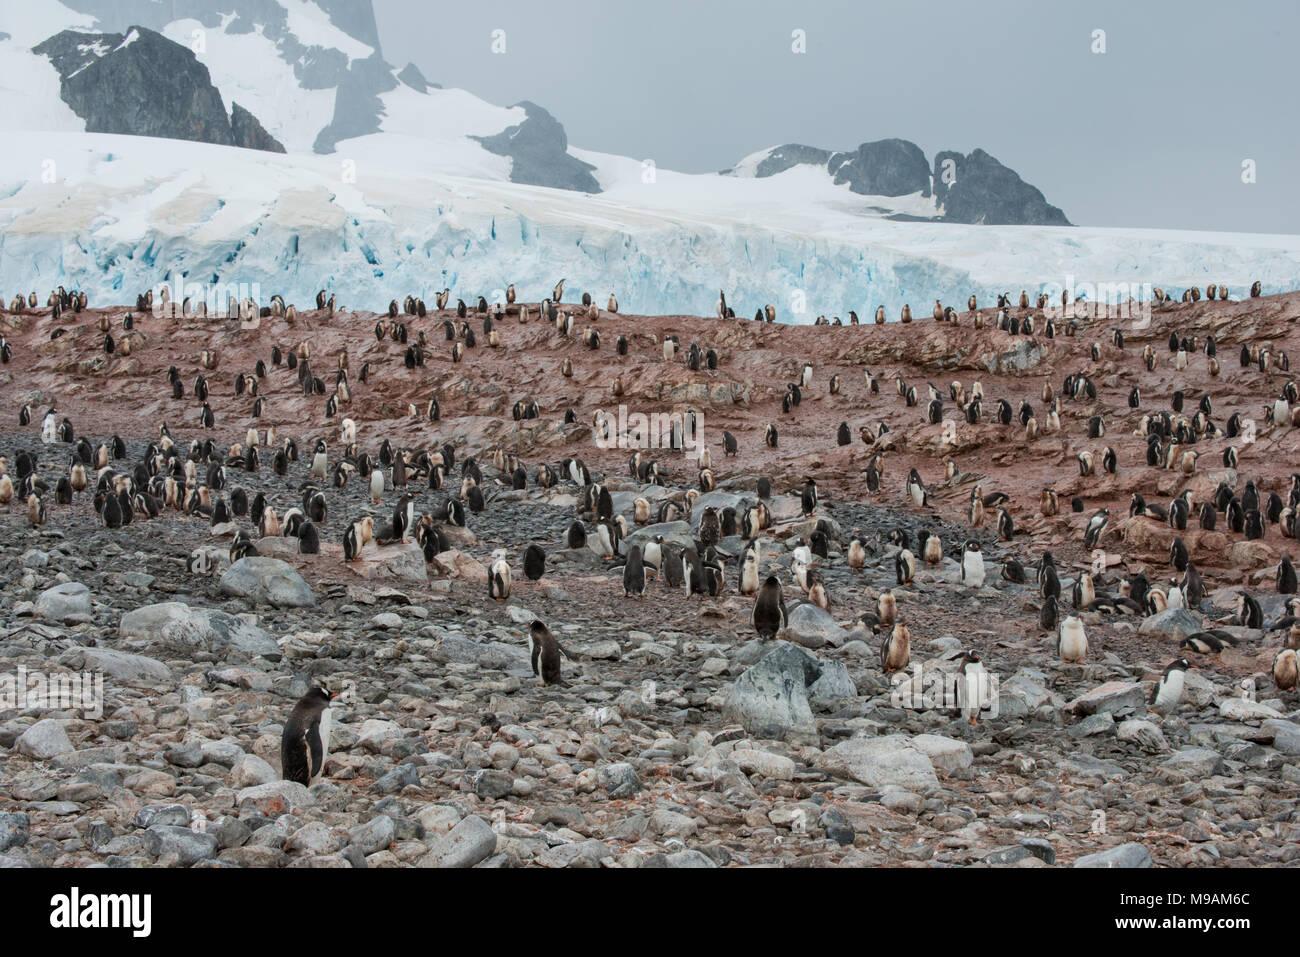 Eine Kolonie von Gentoo Pinguine in der Antarktis Stockfoto